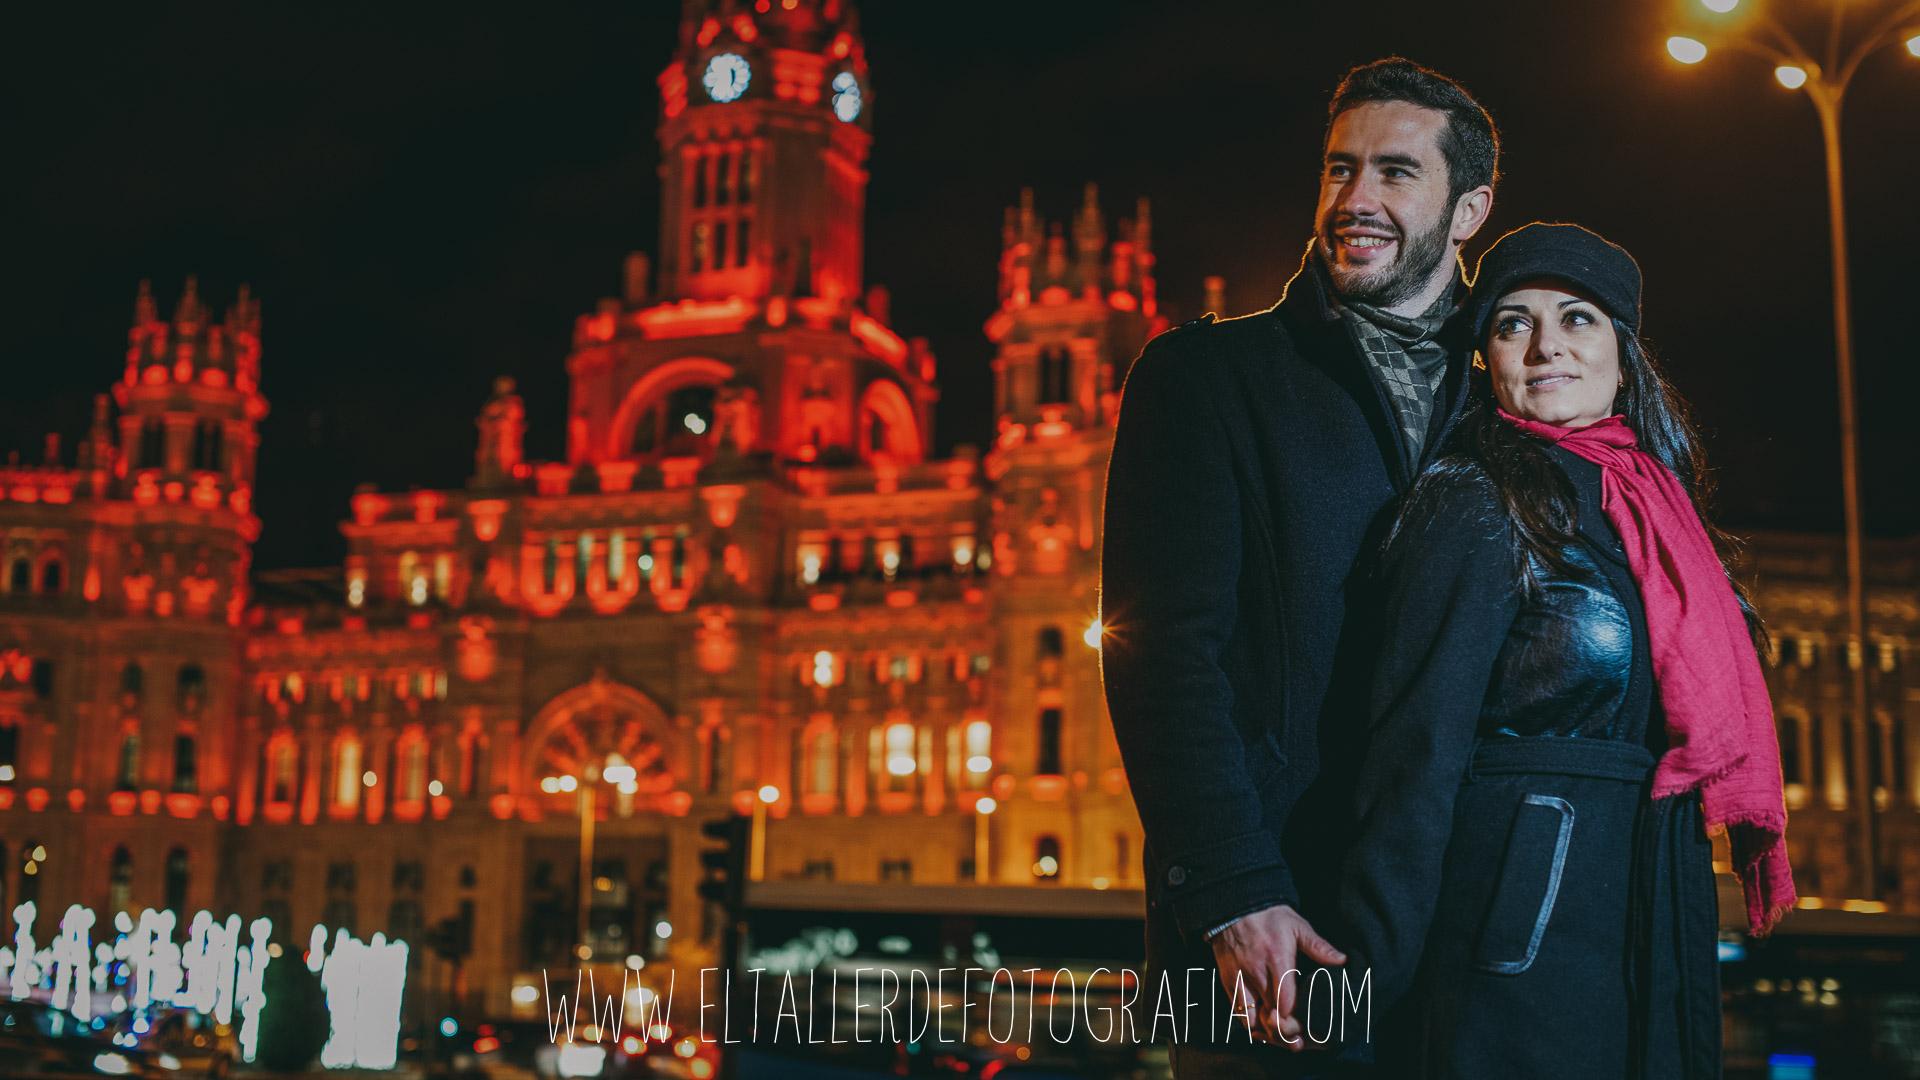 Preboda en el Barrio de Salamanca por la noche y con luces de navidad